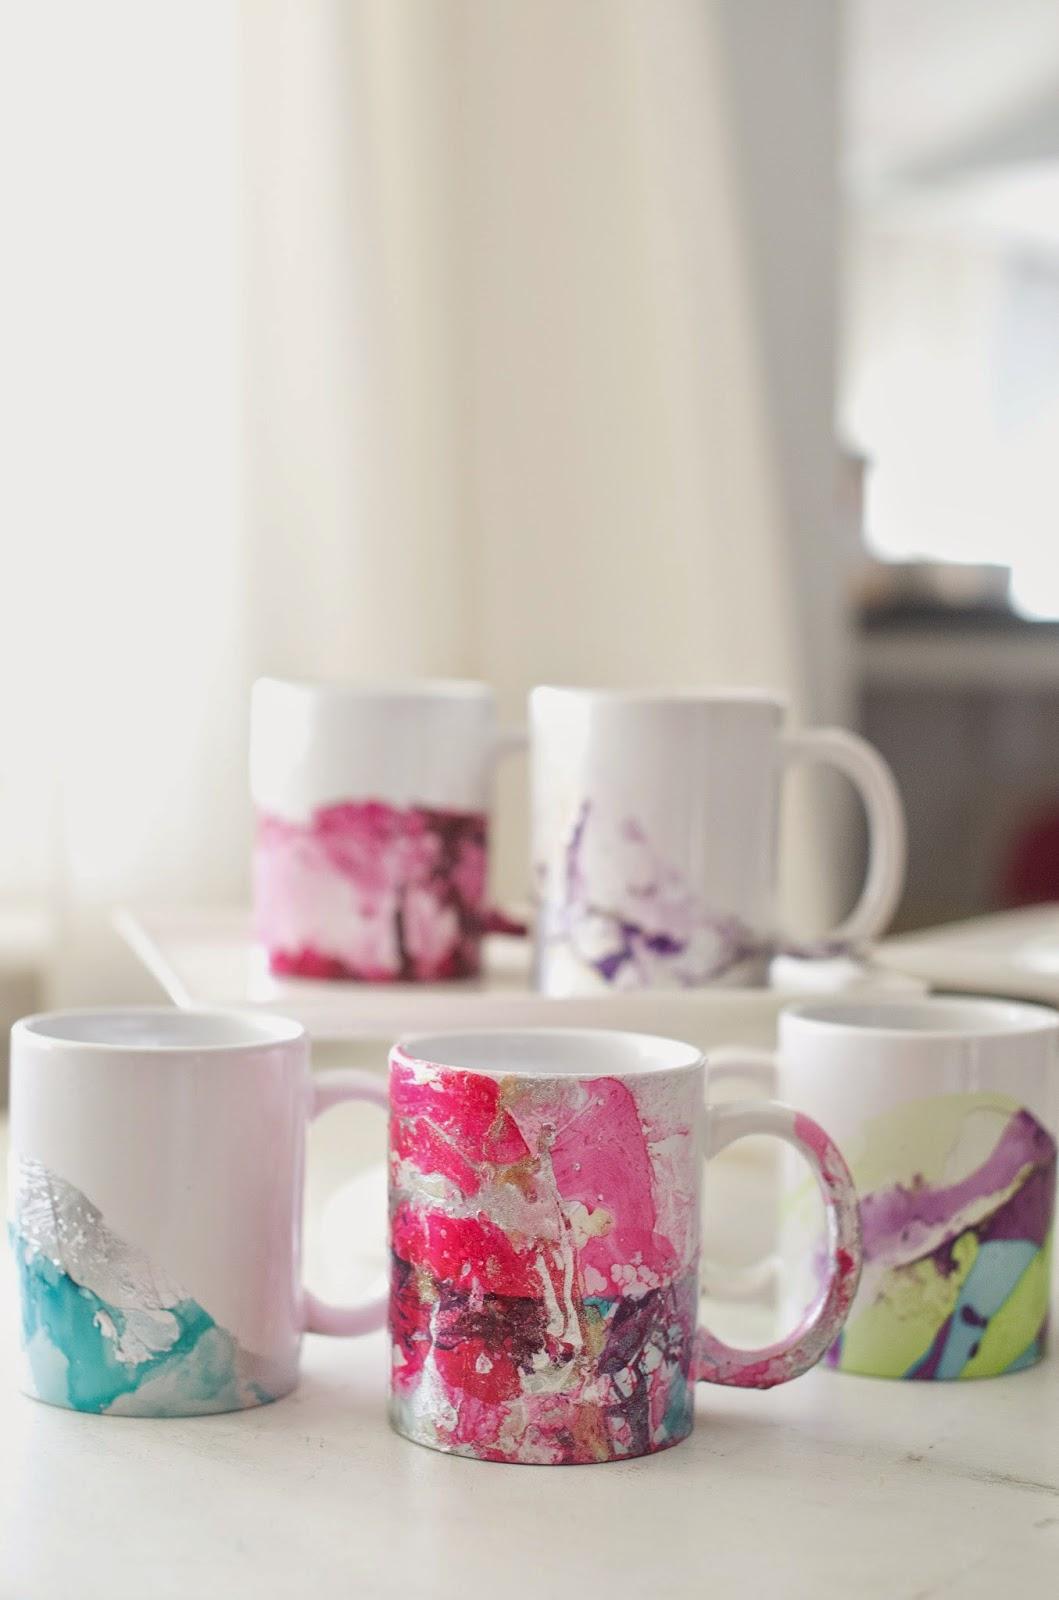 Diy Coffee Mugs With Nail Polish Diy Marbled Nail Polish Coffee